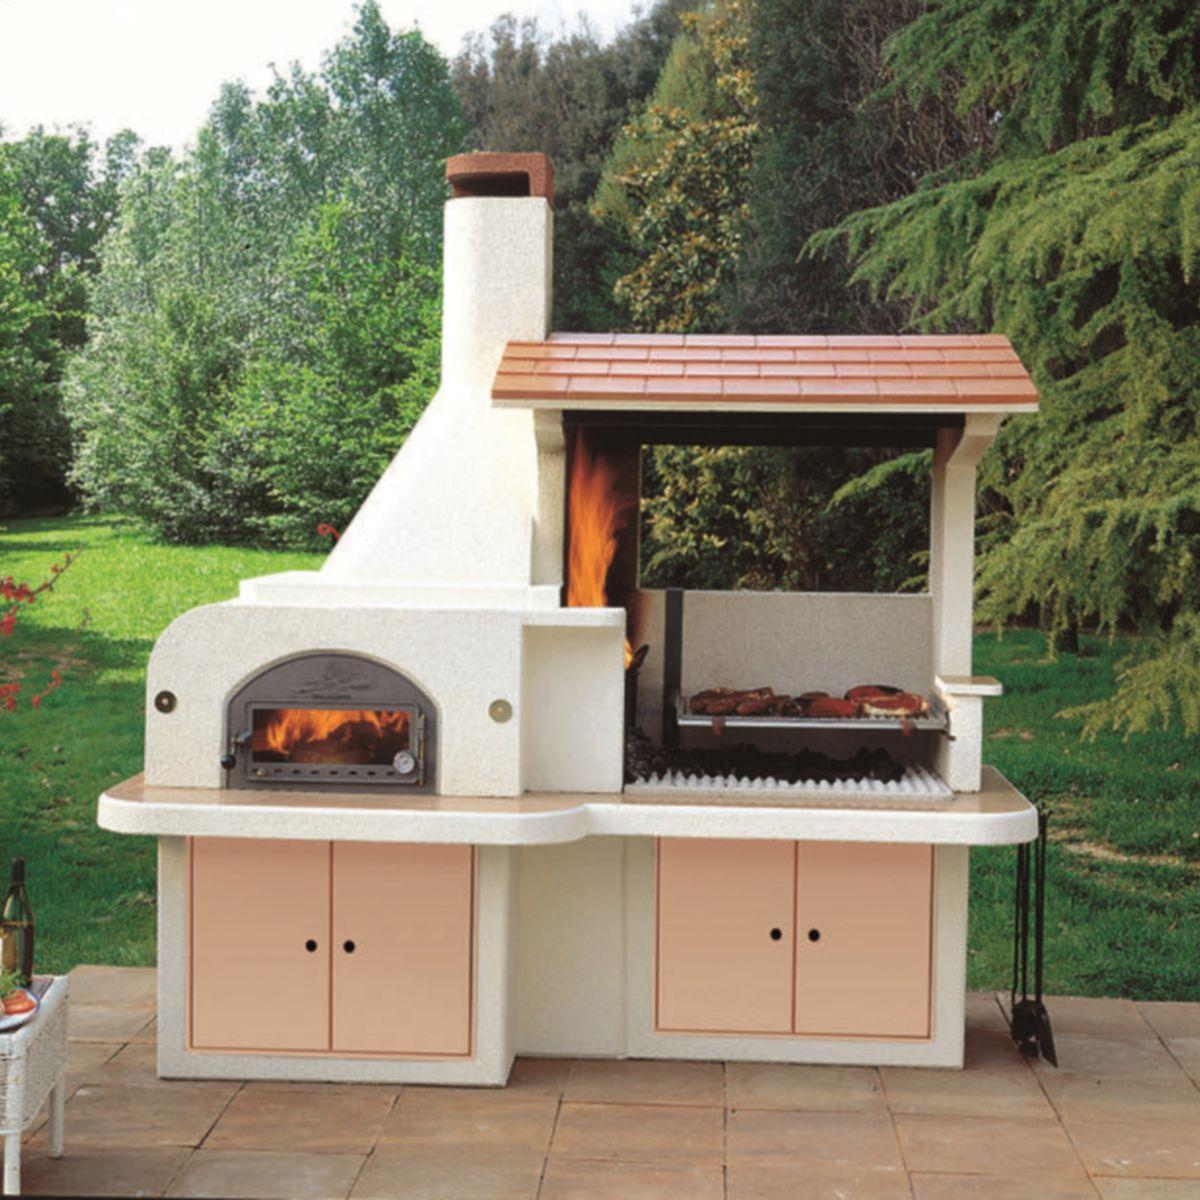 Idee giardino barbecue forno - Barbecue in muratura con forno ...